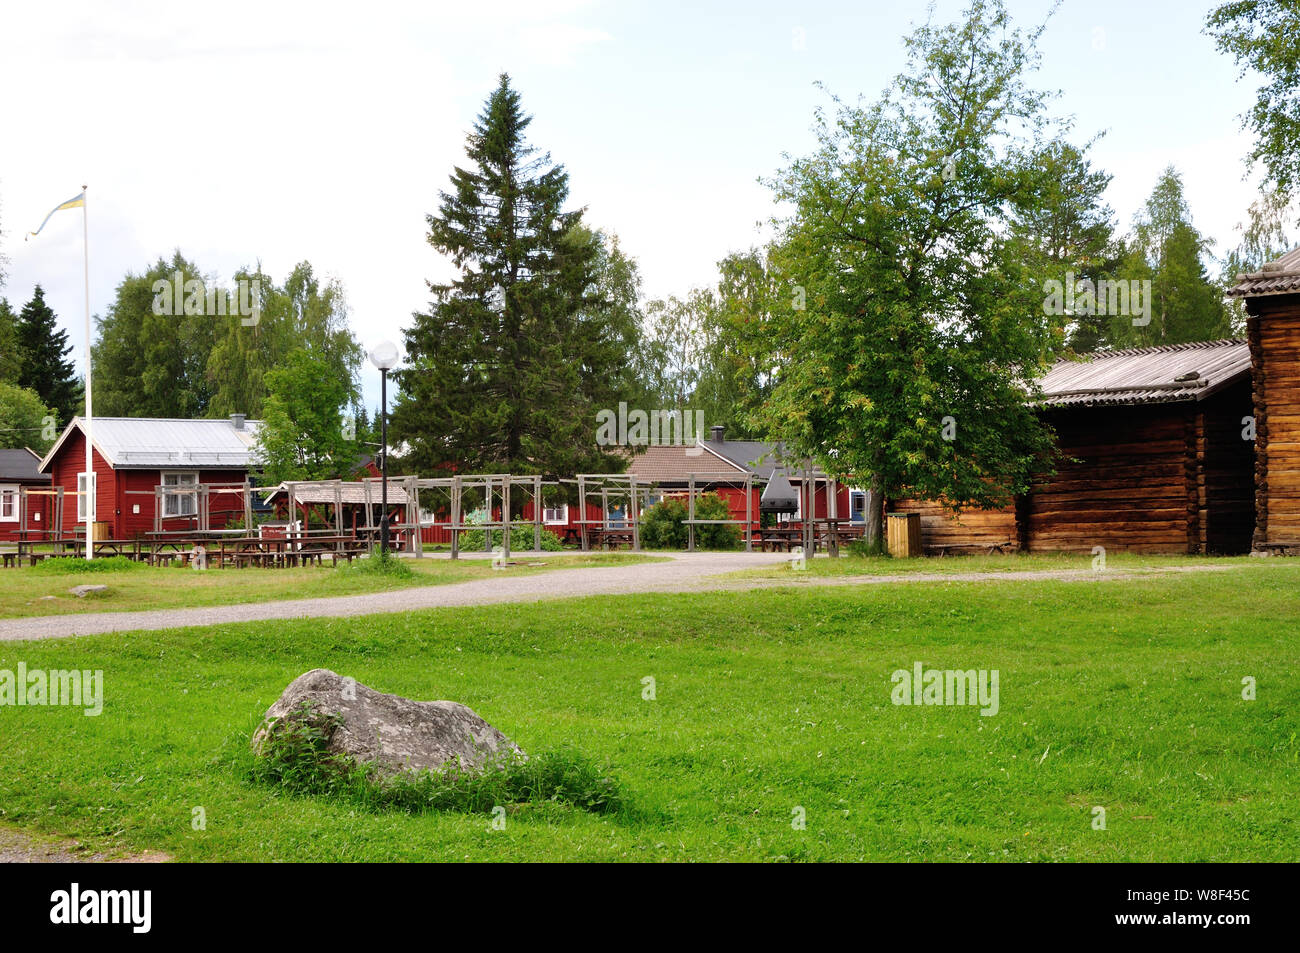 Das beschaulich-idyllische Kirchdorf bei Luleà (Gammelstad). Es gehört zum UNESCO-Weltkulturerbe. Stock Photo